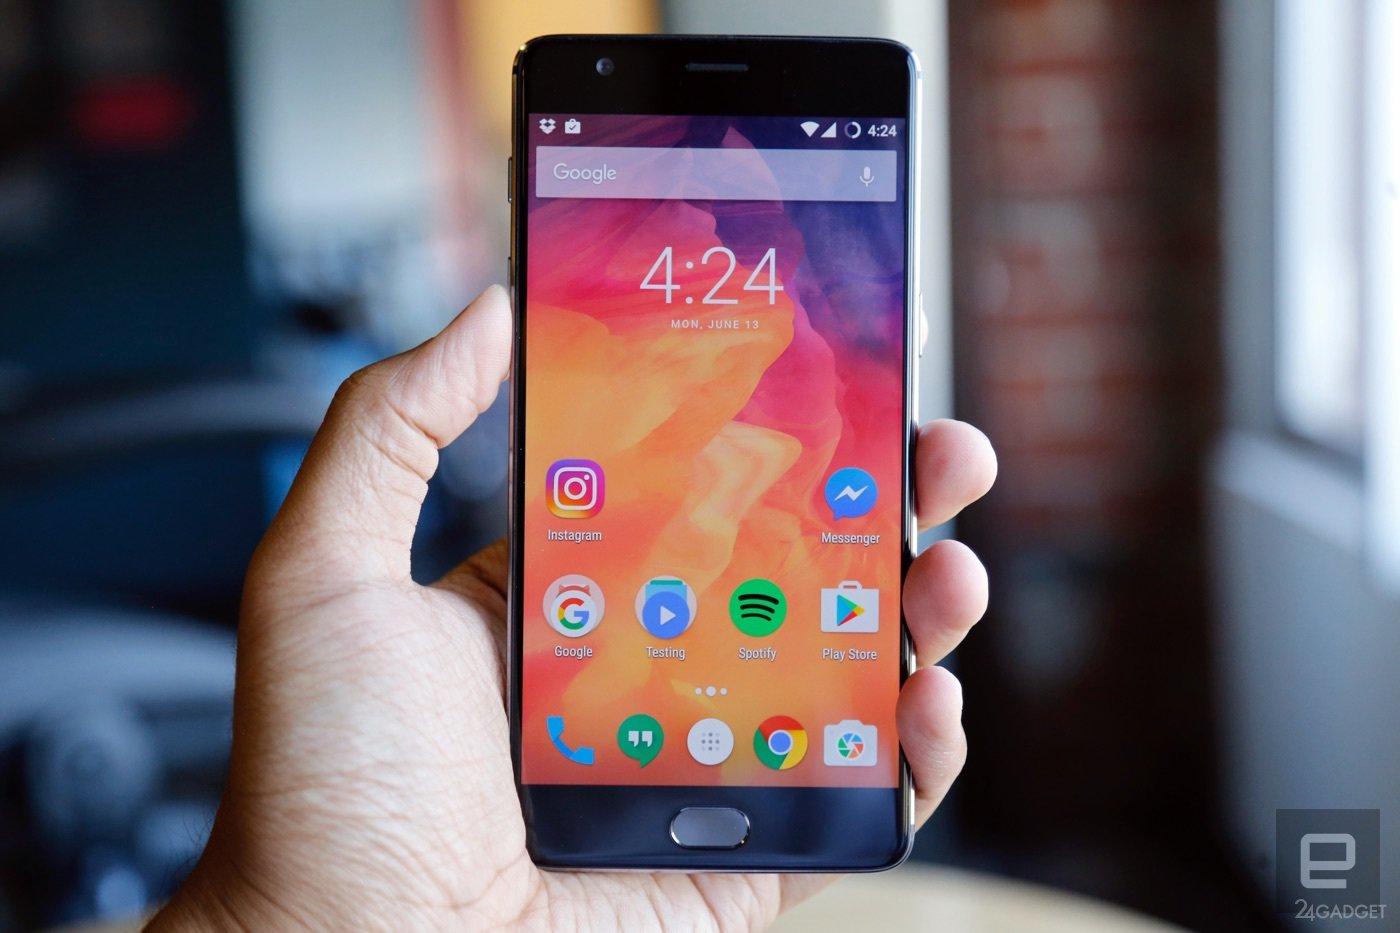 прочтения китайский смартфон убийца флагманов 2016 цены Днем